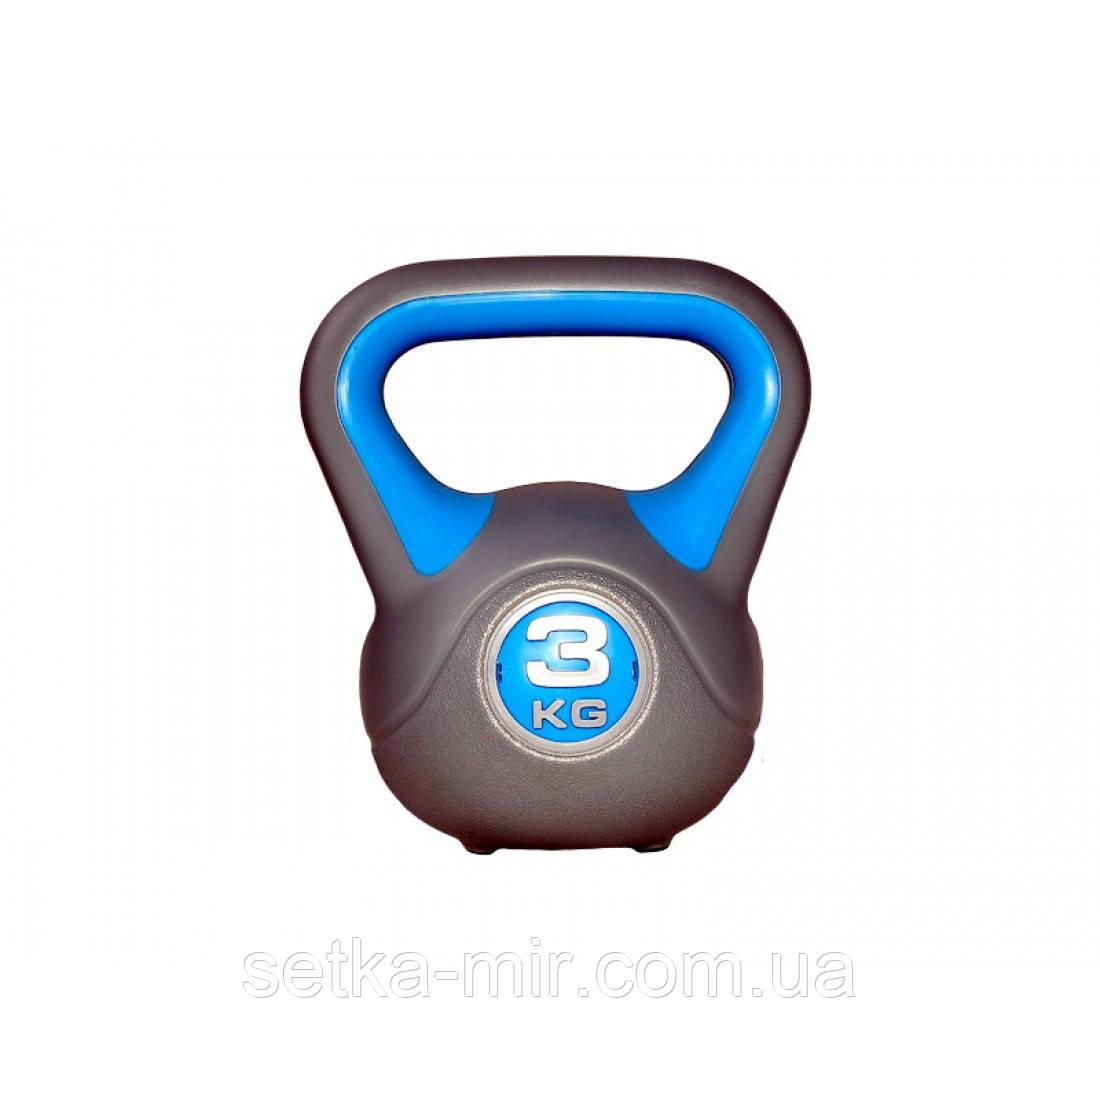 Гиря пластиковая насыпная LiveUp Plastic Kettel Bell, 3 кг